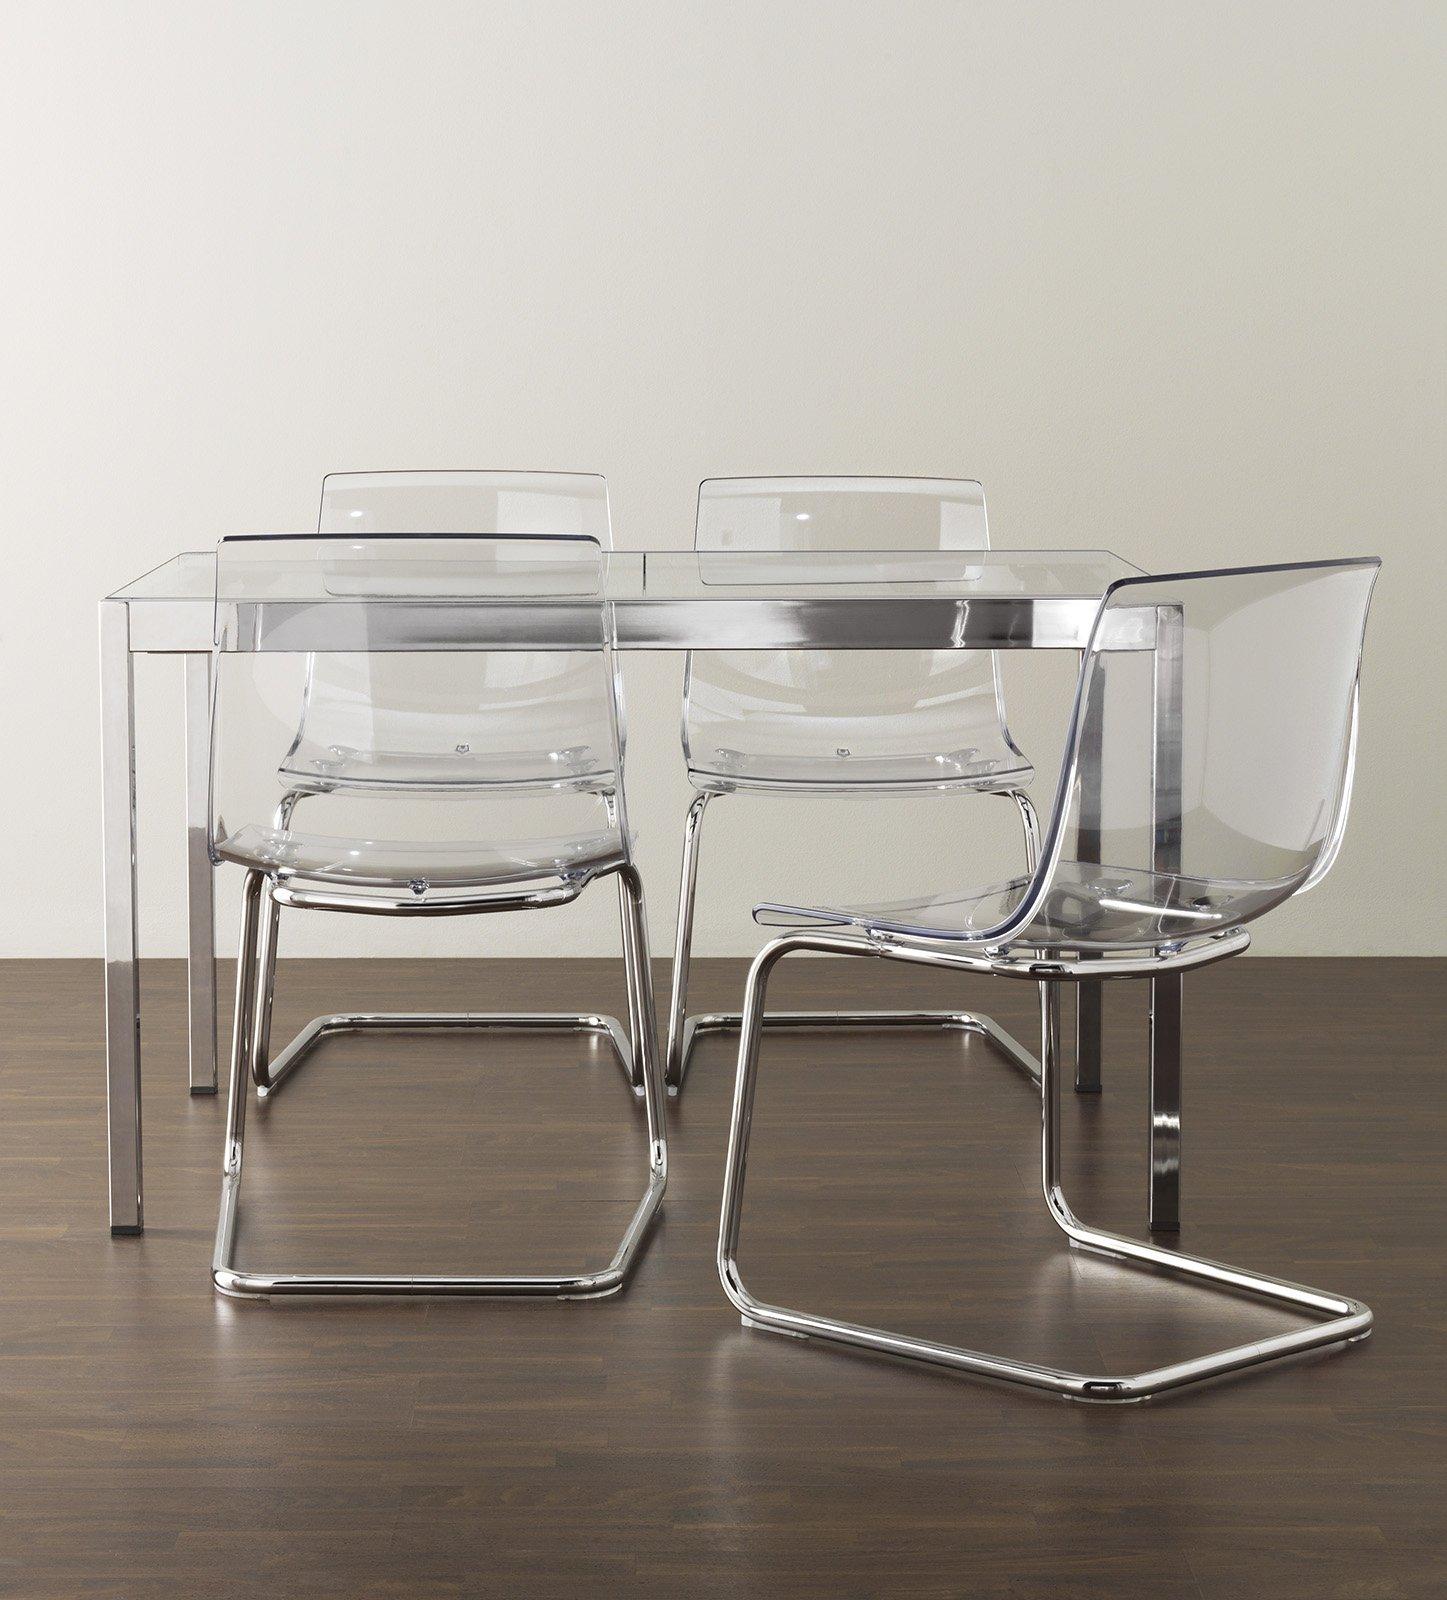 Sedie Di Legno Colorate Ikea.Sedie Trasparenti E La Stanza Sembra Piu Grande Cose Di Casa